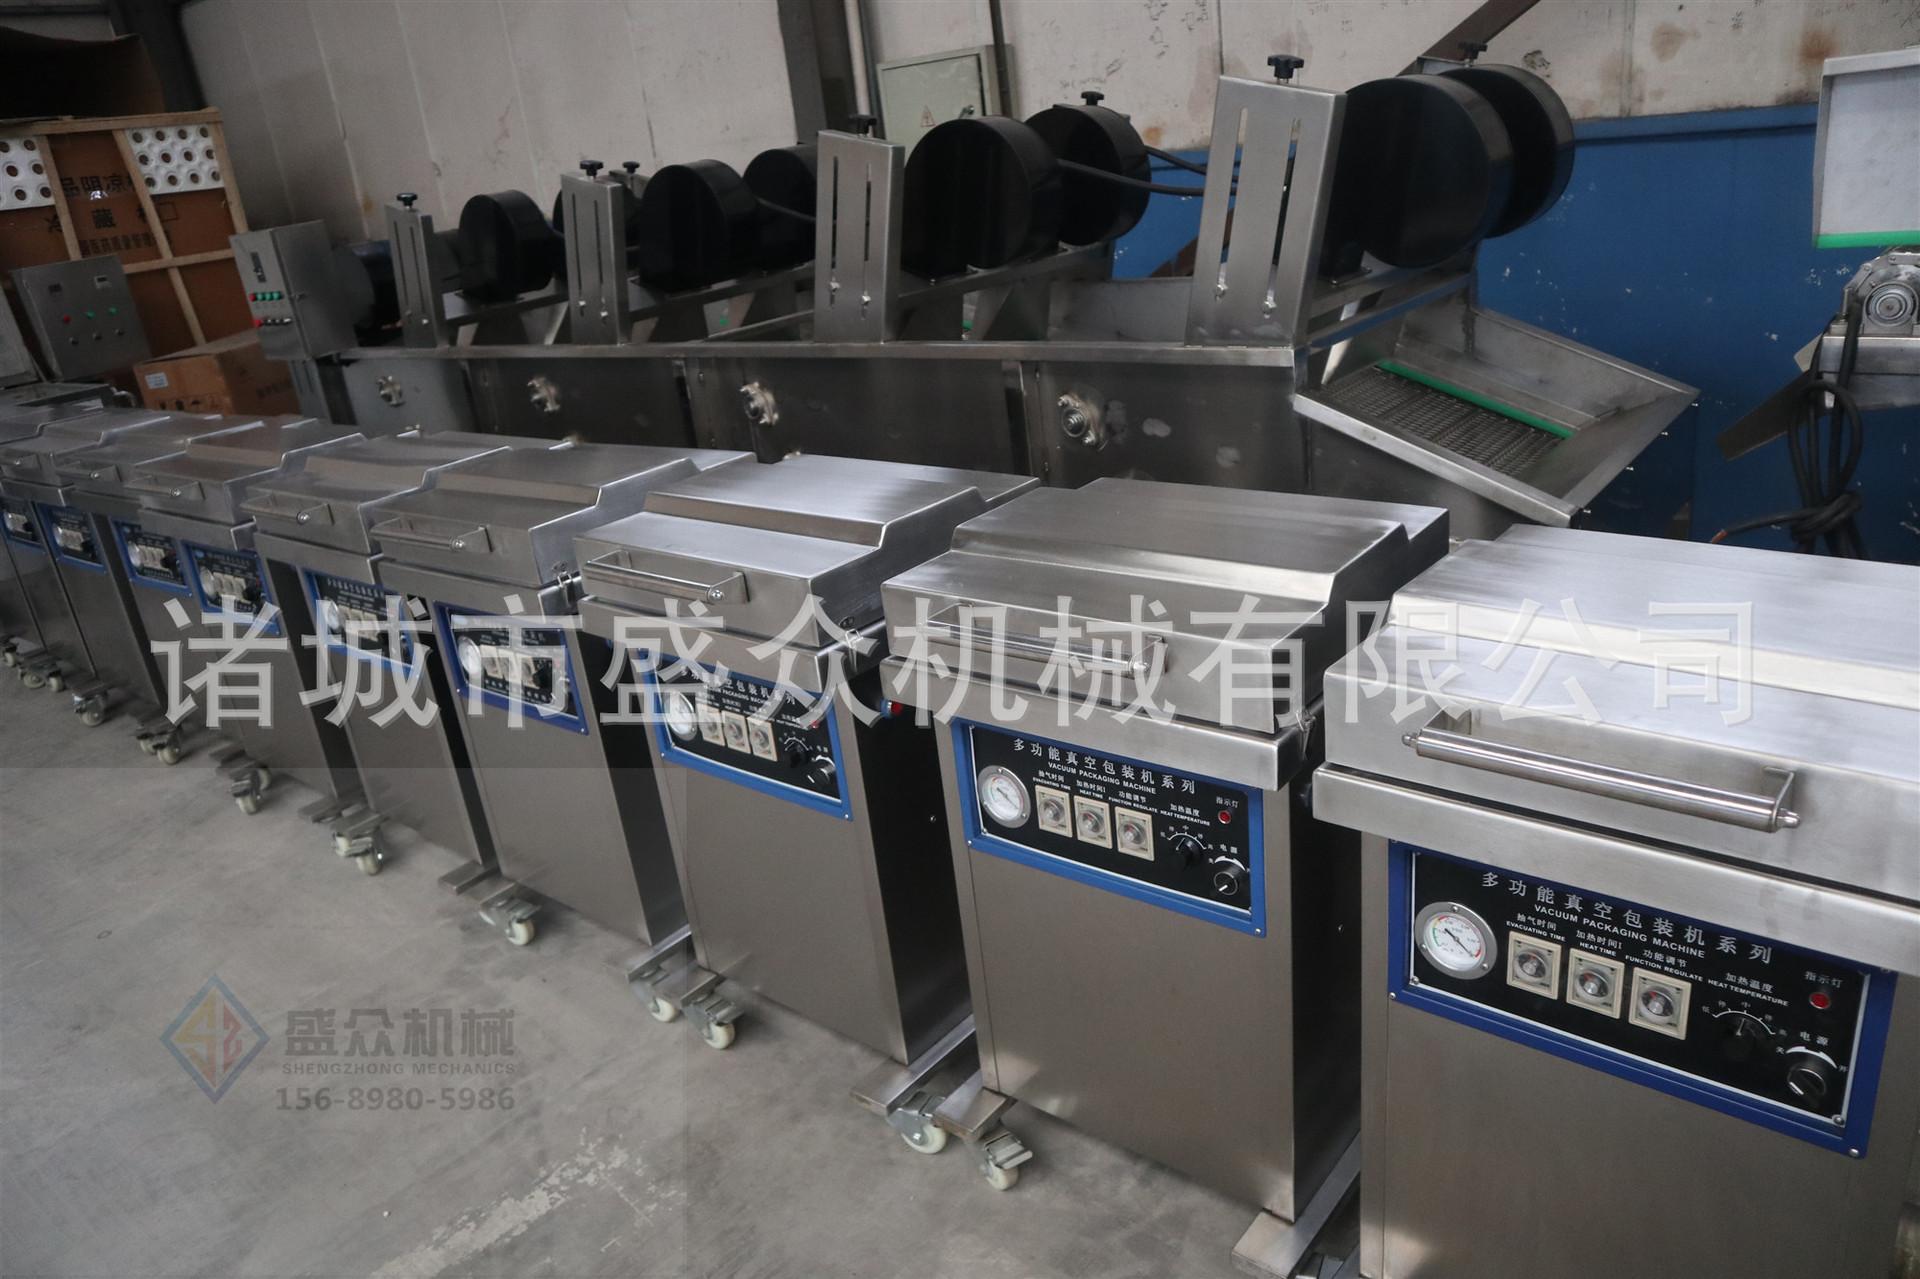 牛肉干全套加工設備與加工工藝 牛肉干全套加工設備示例圖11